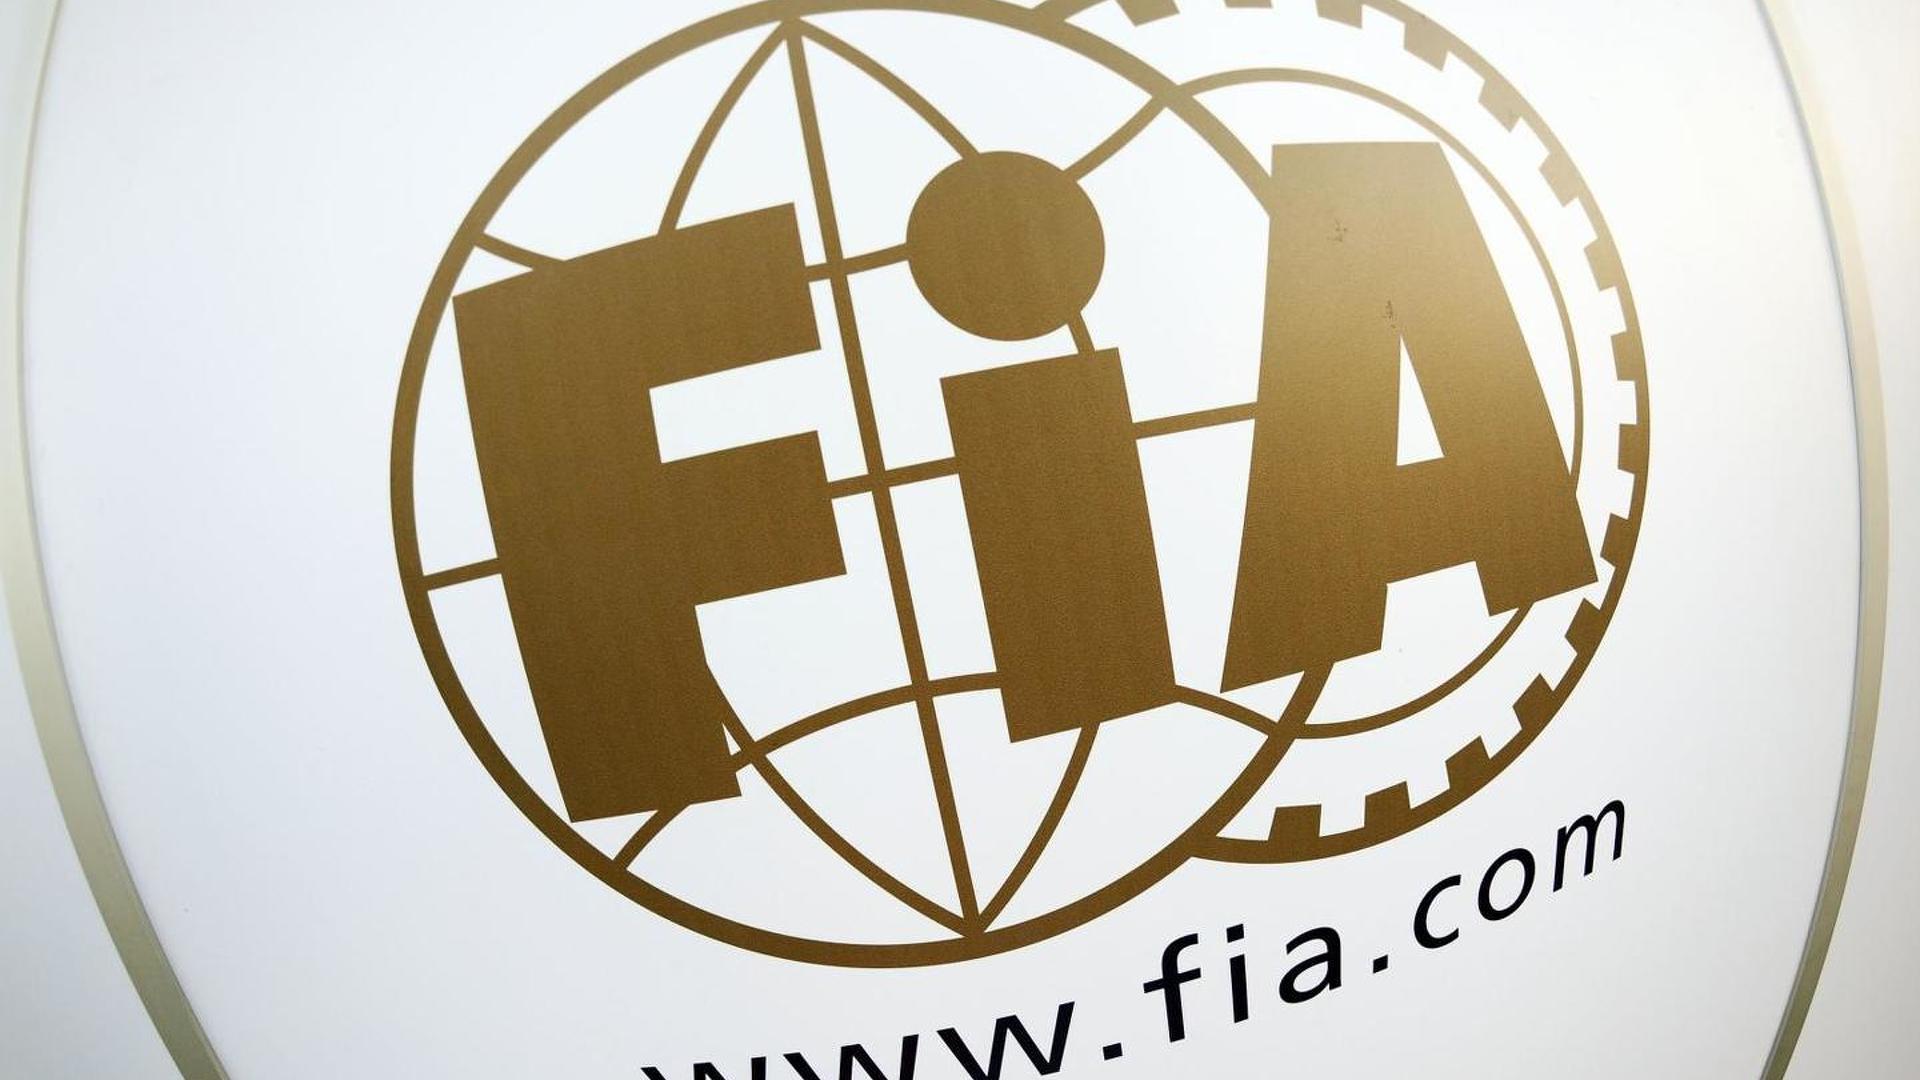 Teams survived FIA fuel flow checks